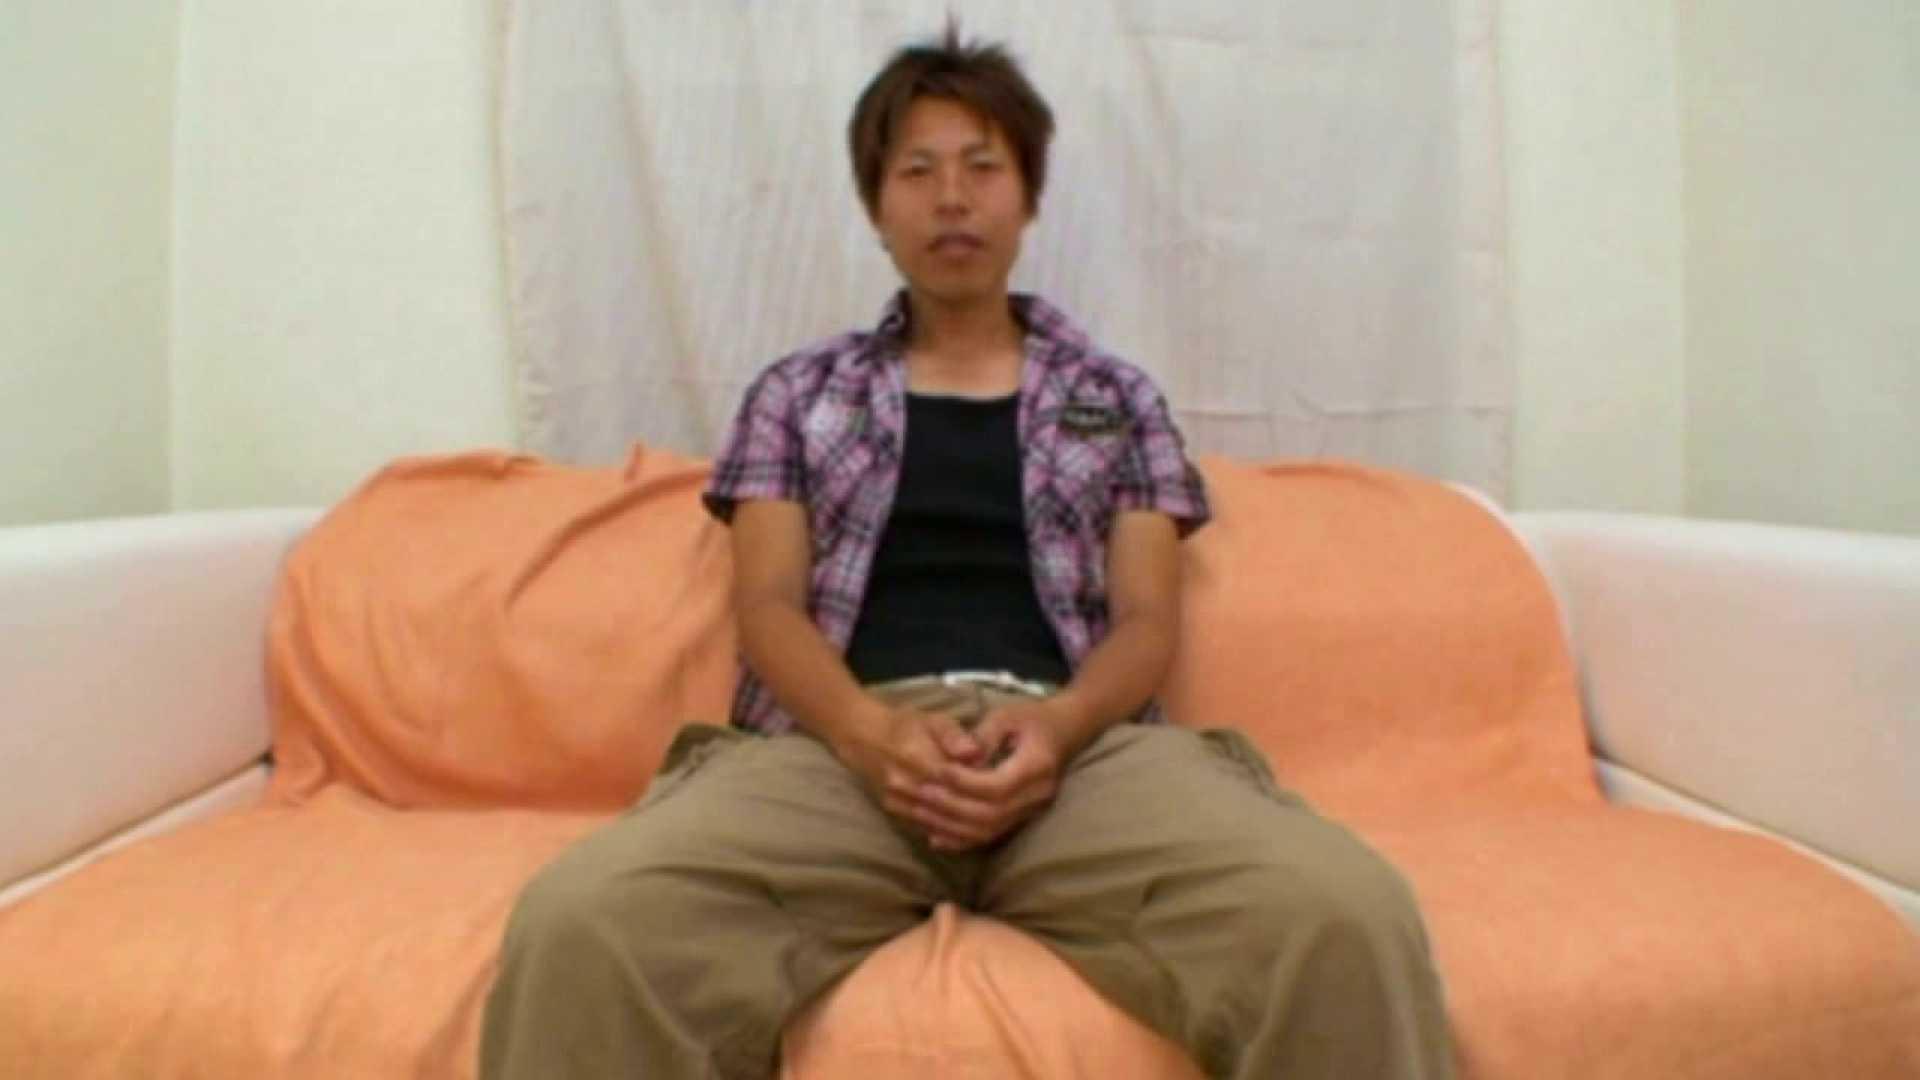 ノンケ!自慰スタジオ No.10 自慰シーン   素人盗撮 エロビデオ紹介 103枚 86